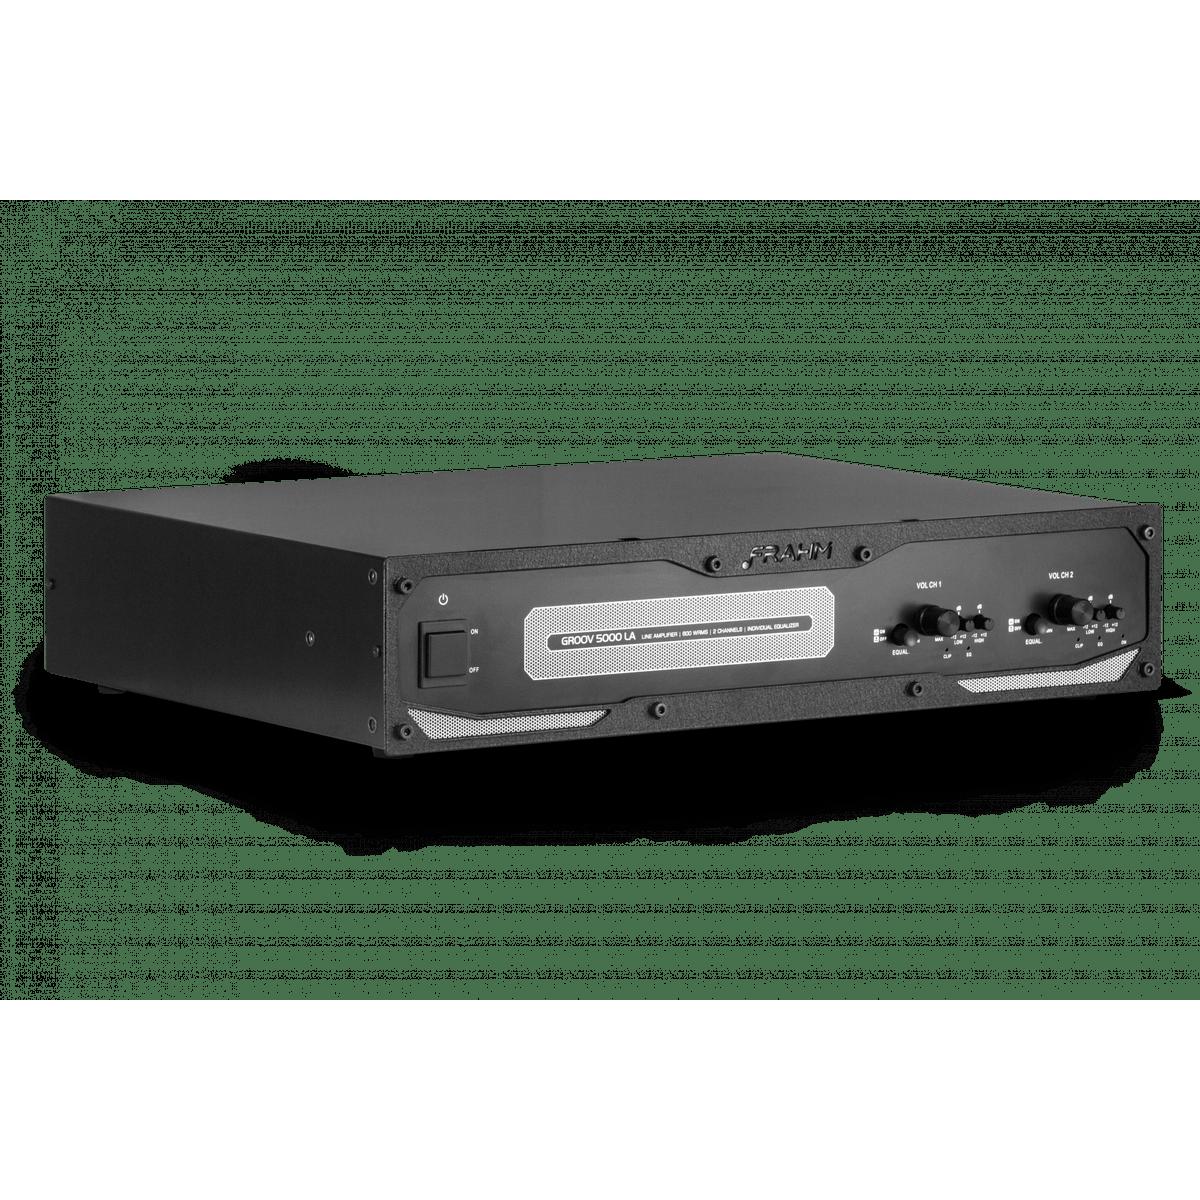 GR5000LA-1